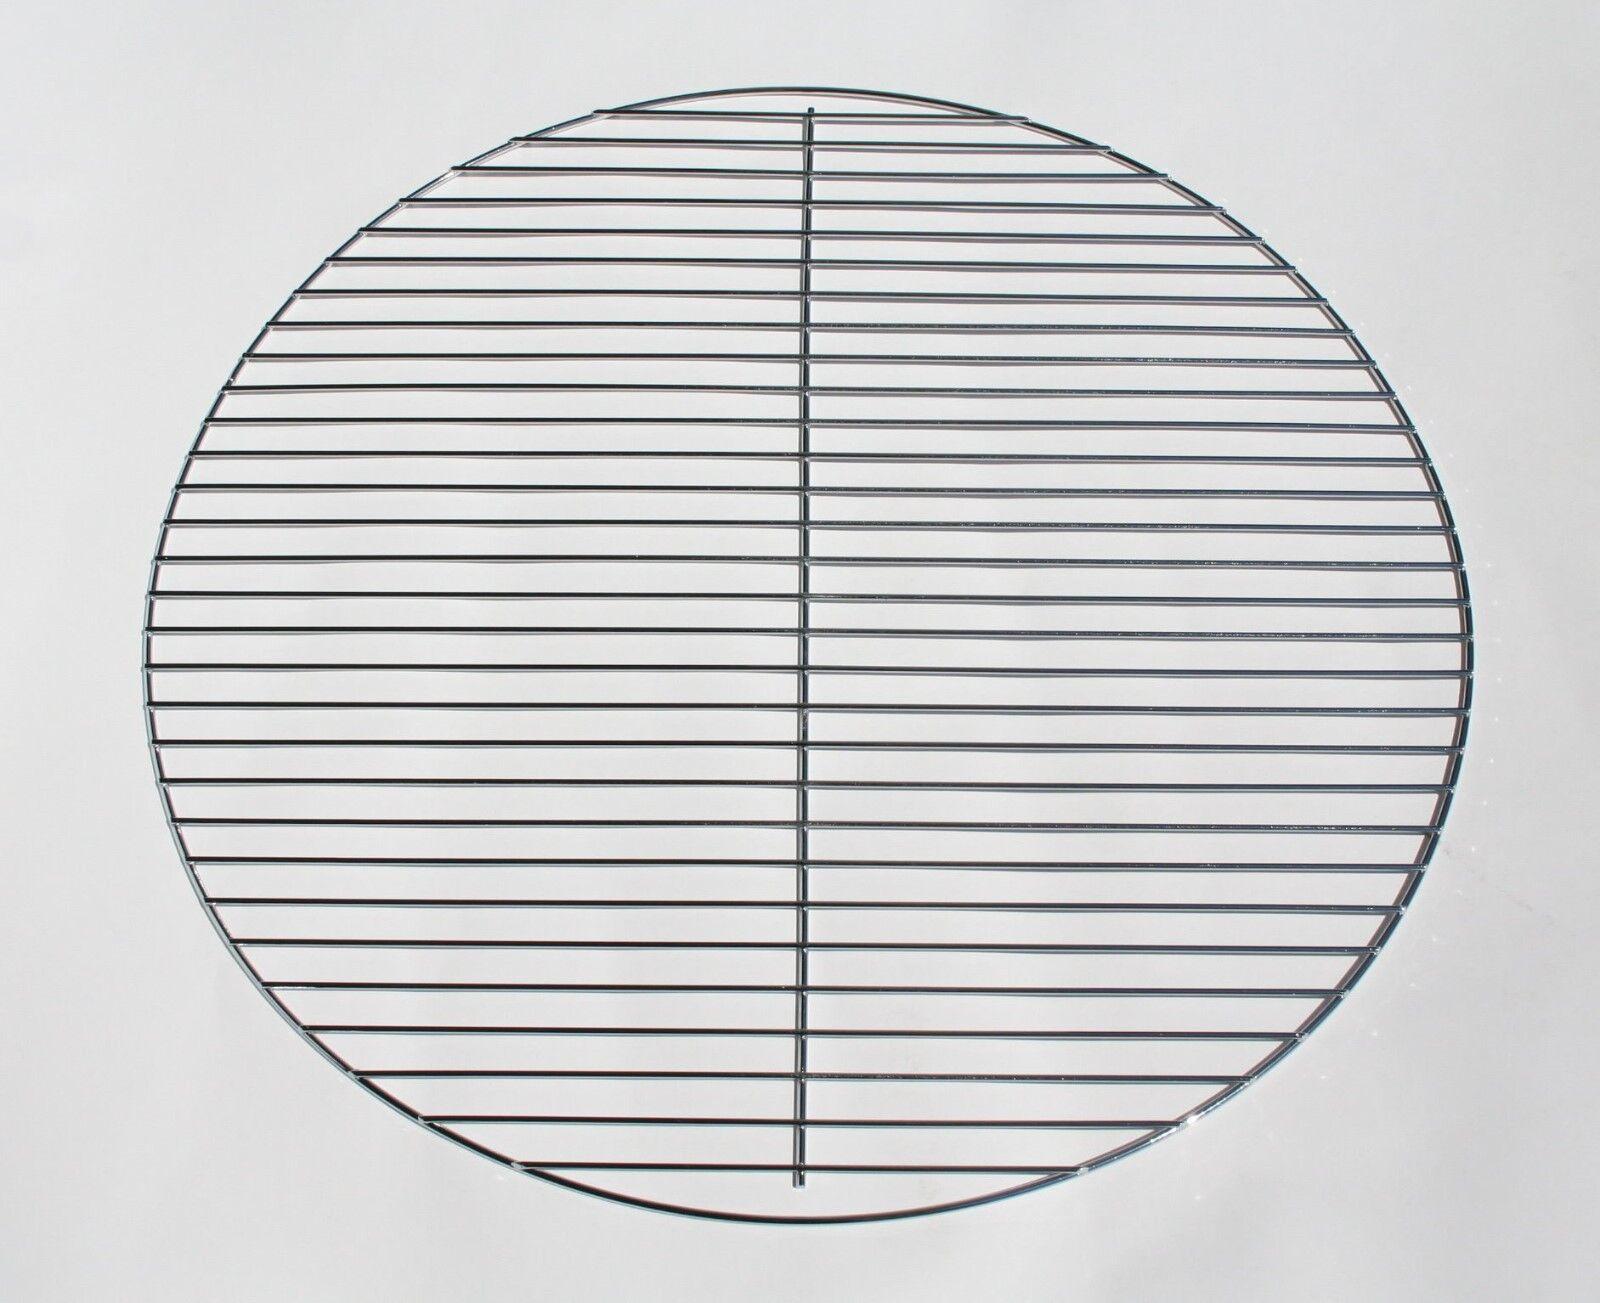 60 cm GGc chrome Grillgitter rund Grillrost Grill Kugelgrill für Schwenkgrill